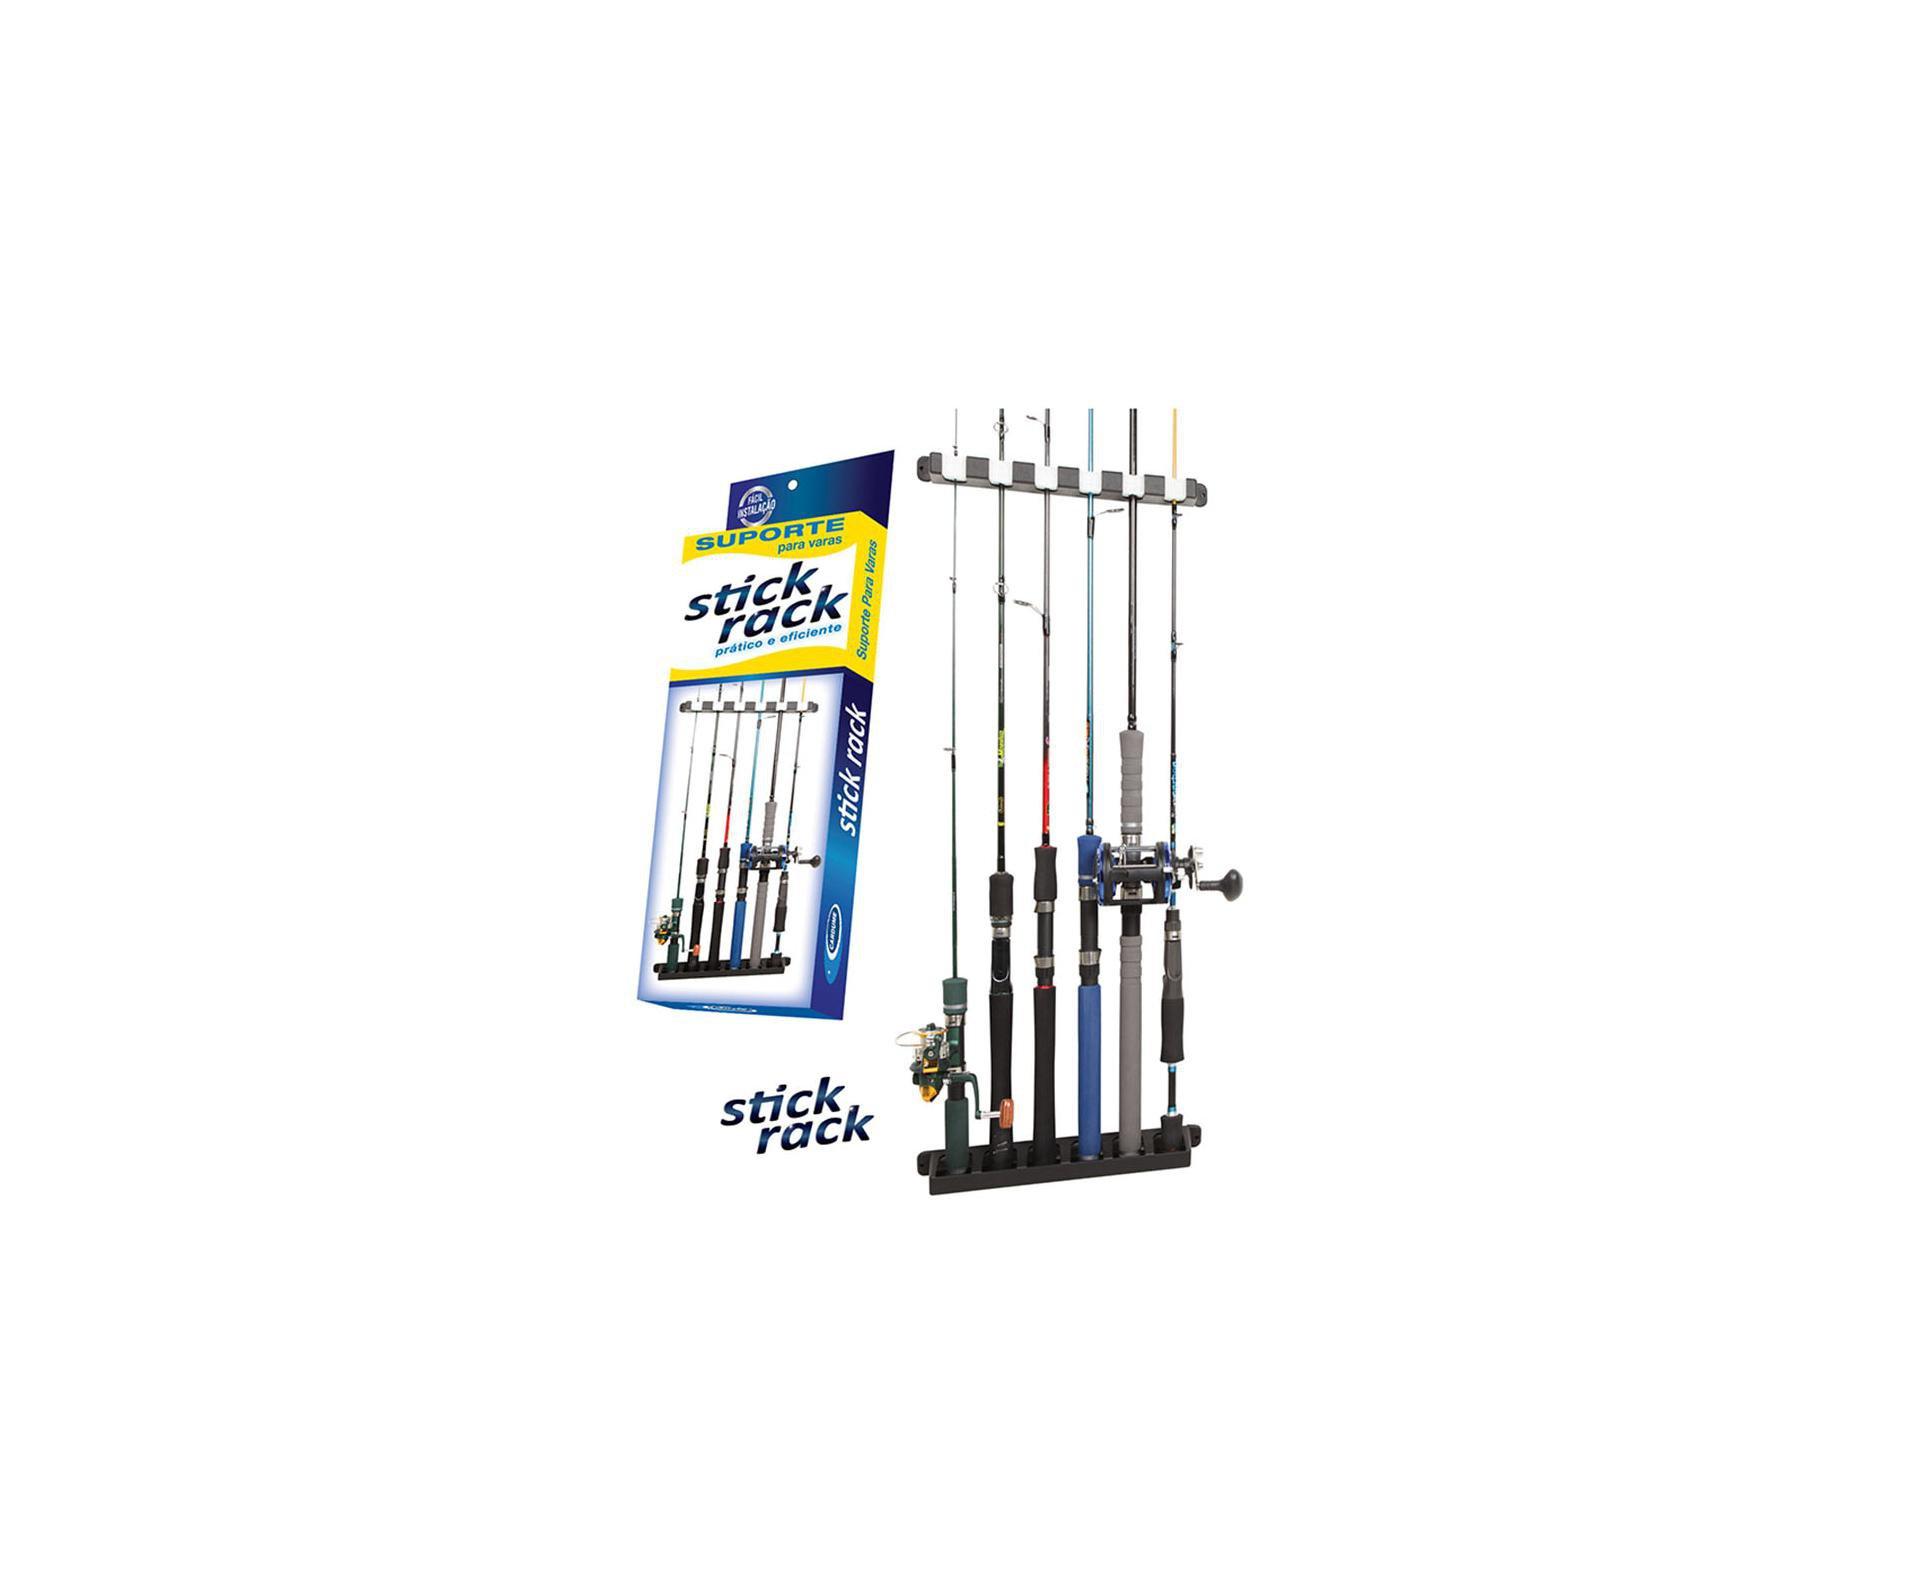 Stick-rack - Suporte De Parede Para 6 Varas Pesca - Cardume